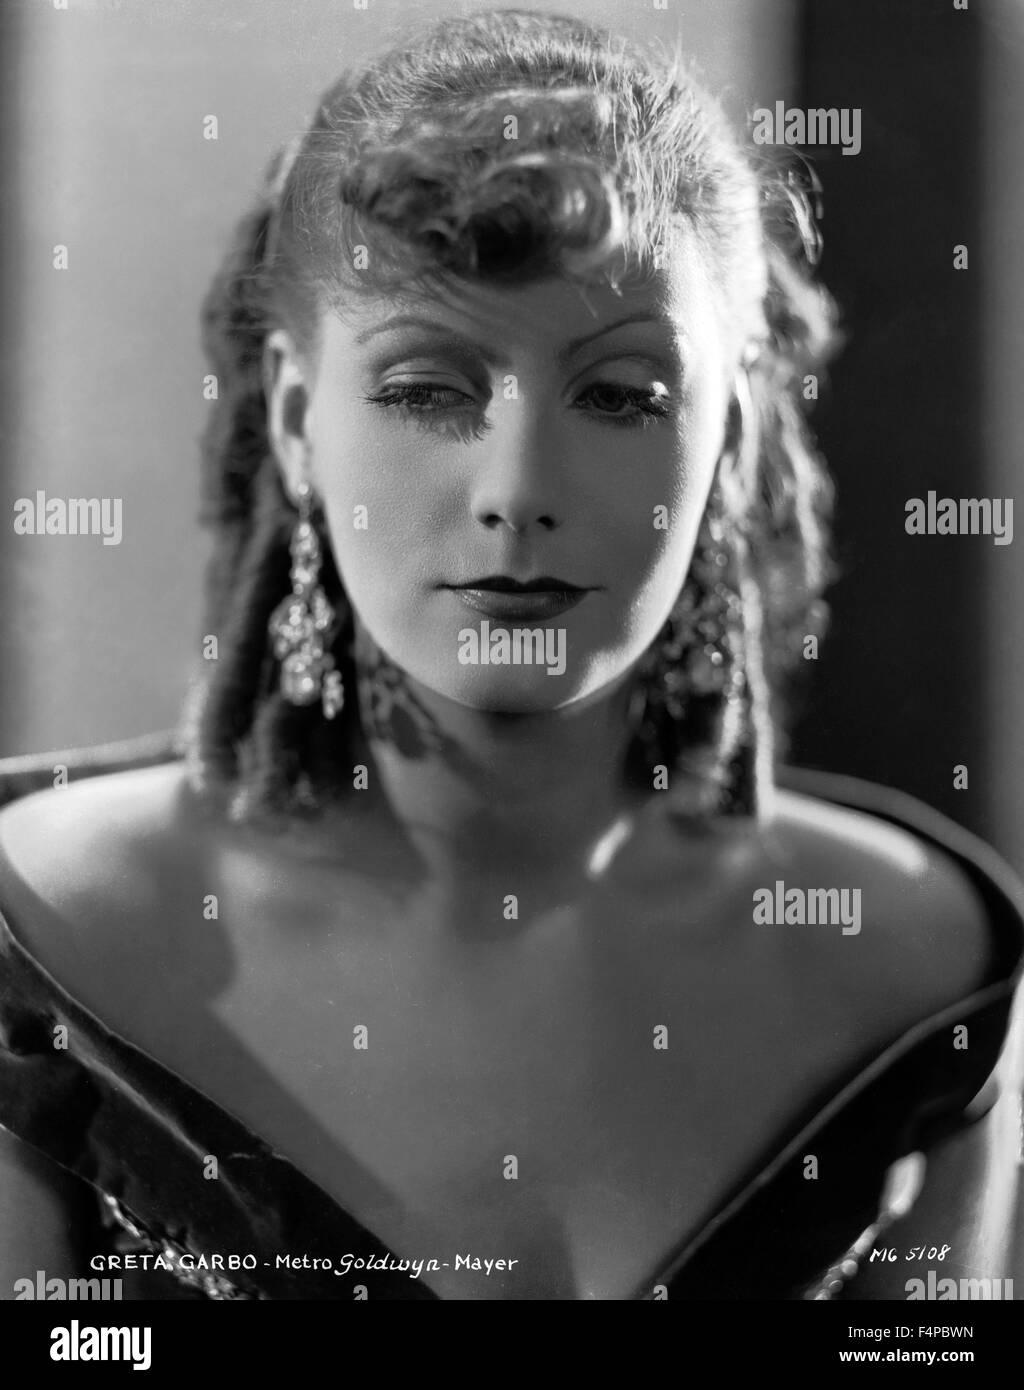 Greta Garbo / romanticismo 1930 diretto da Clarence Brown Immagini Stock